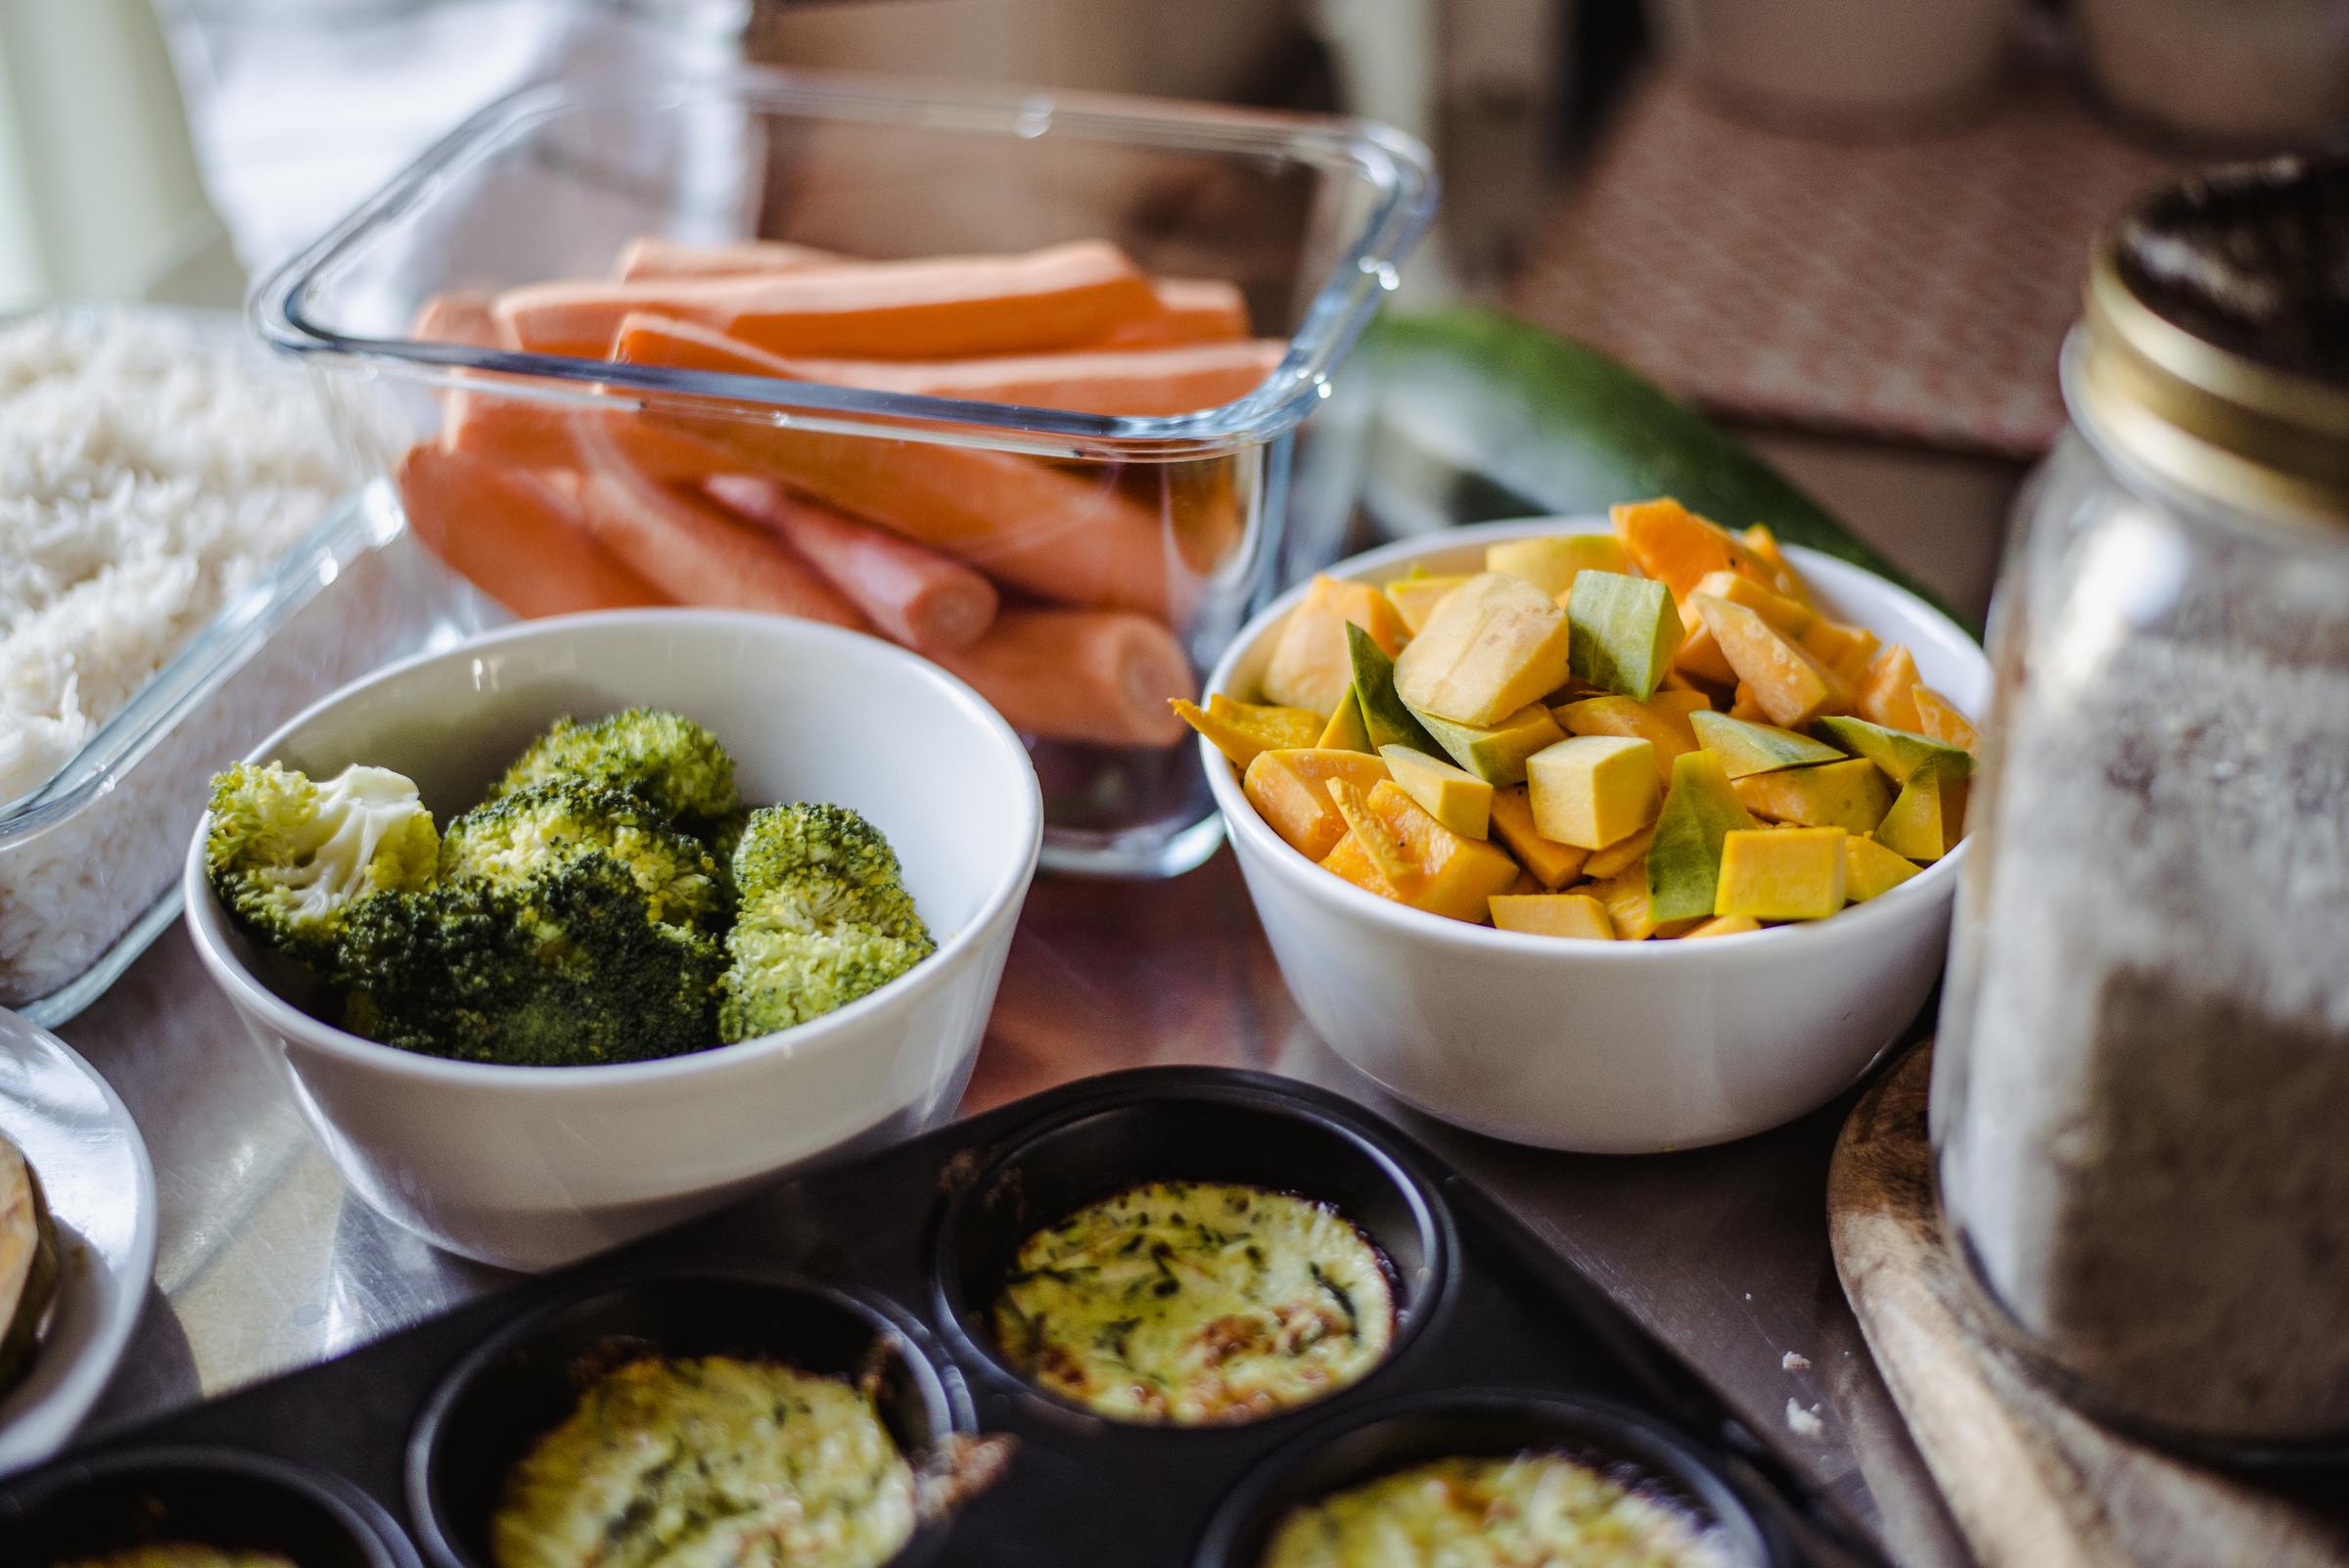 Come Organizzare I Pasti Settimanali come organizzare un menù settimanale - ricomincio da quattro